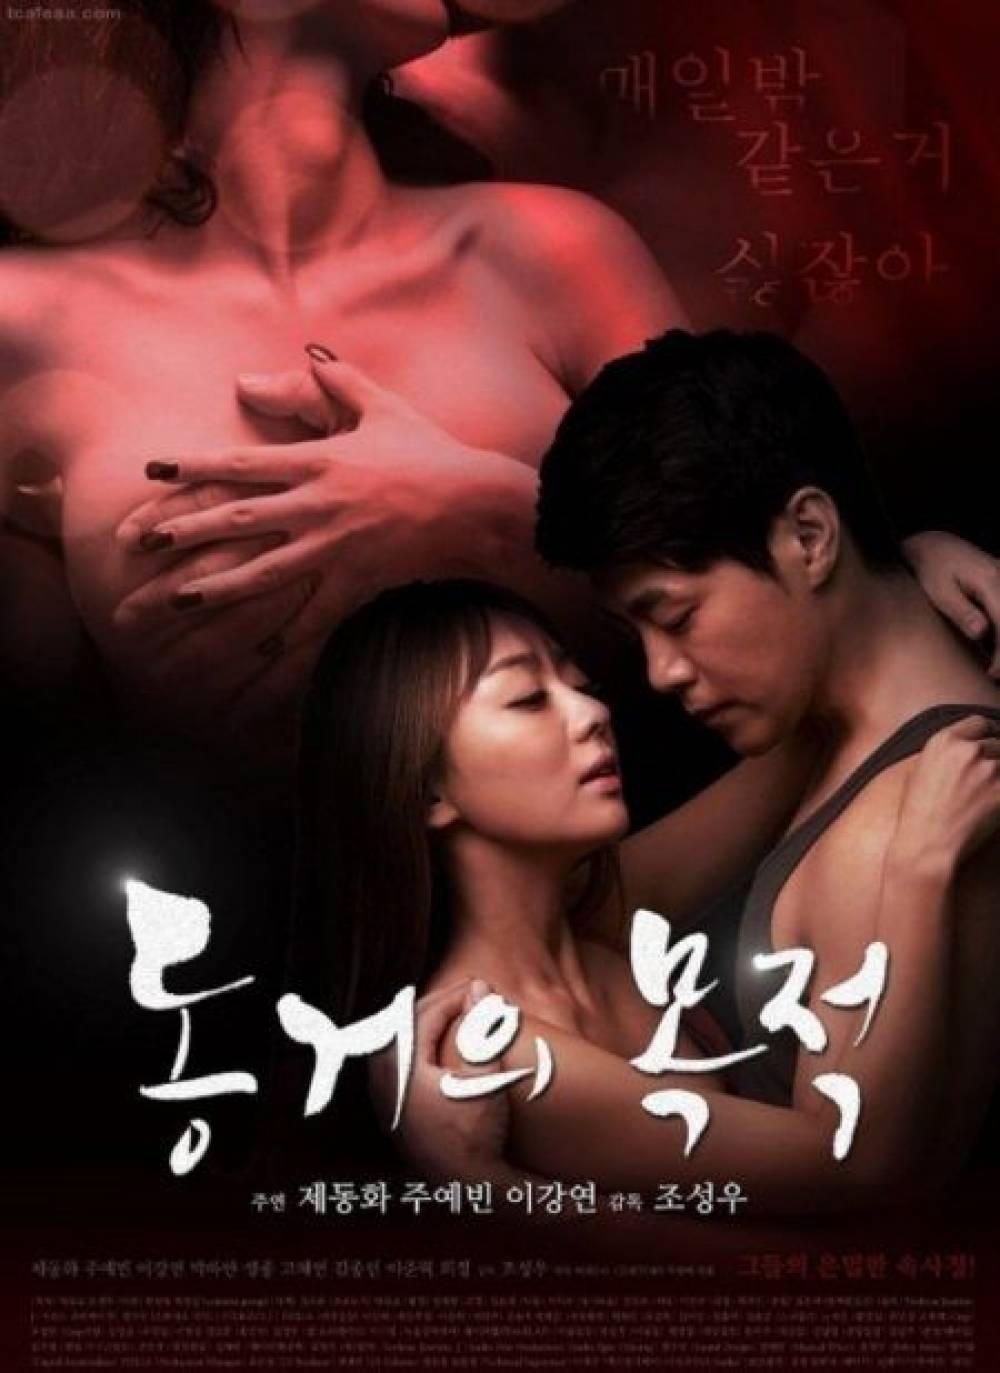 Korean Hot Movie Online